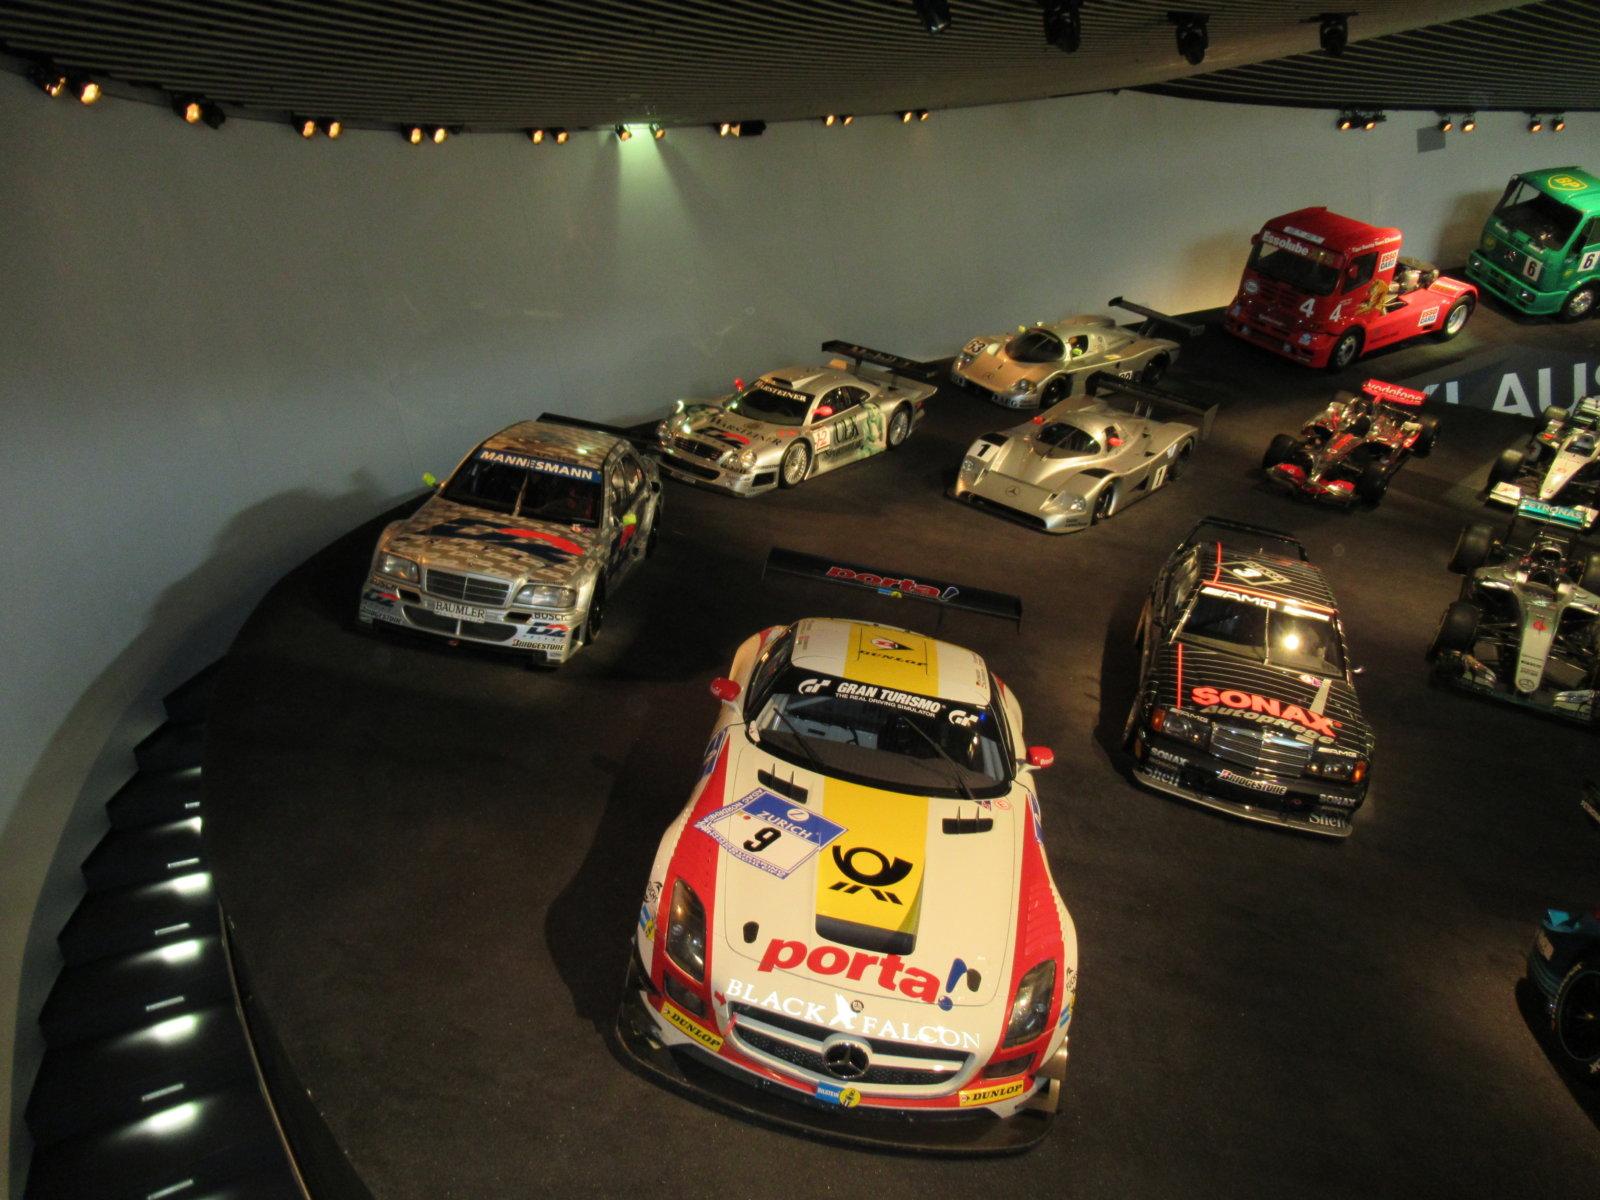 07-26 MB Race Car 02